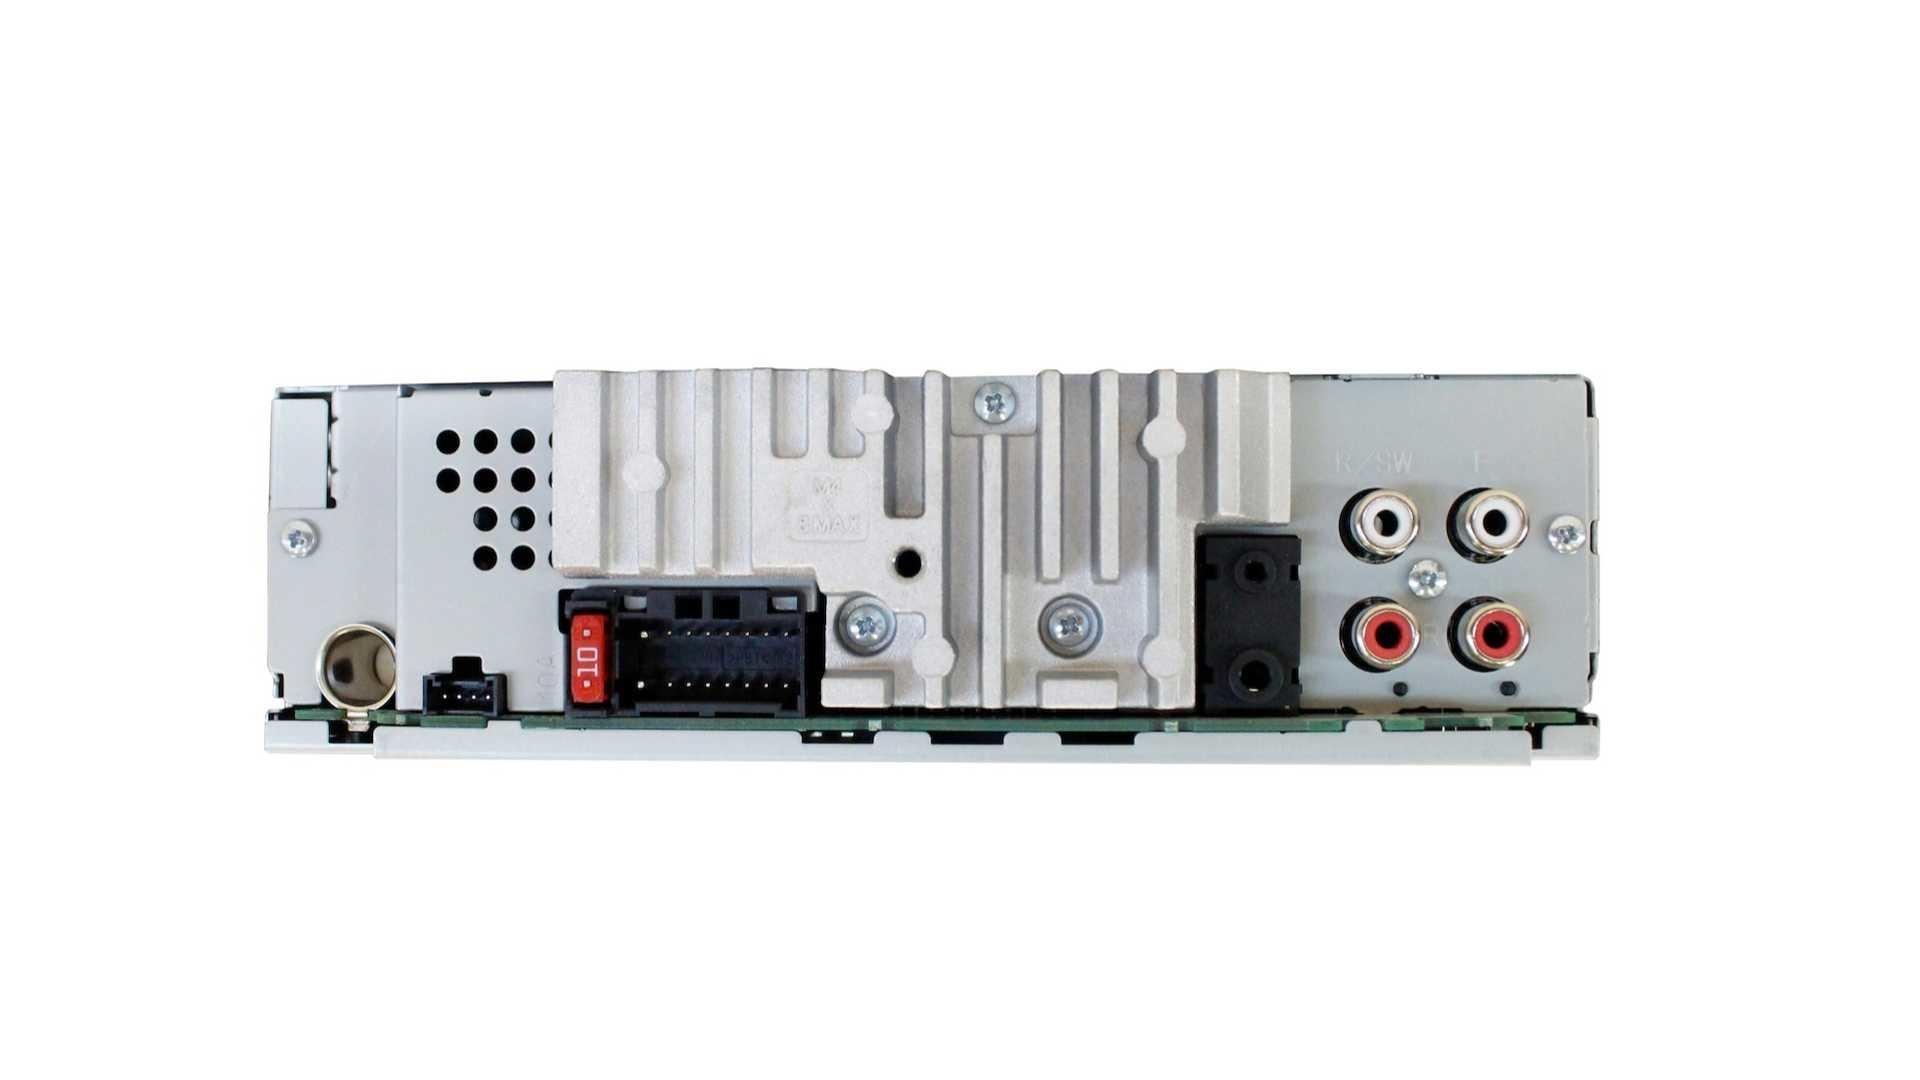 Autorádio Pioneer SPH-10BT umožňuje změnit mobilní telefon v infotainment systém